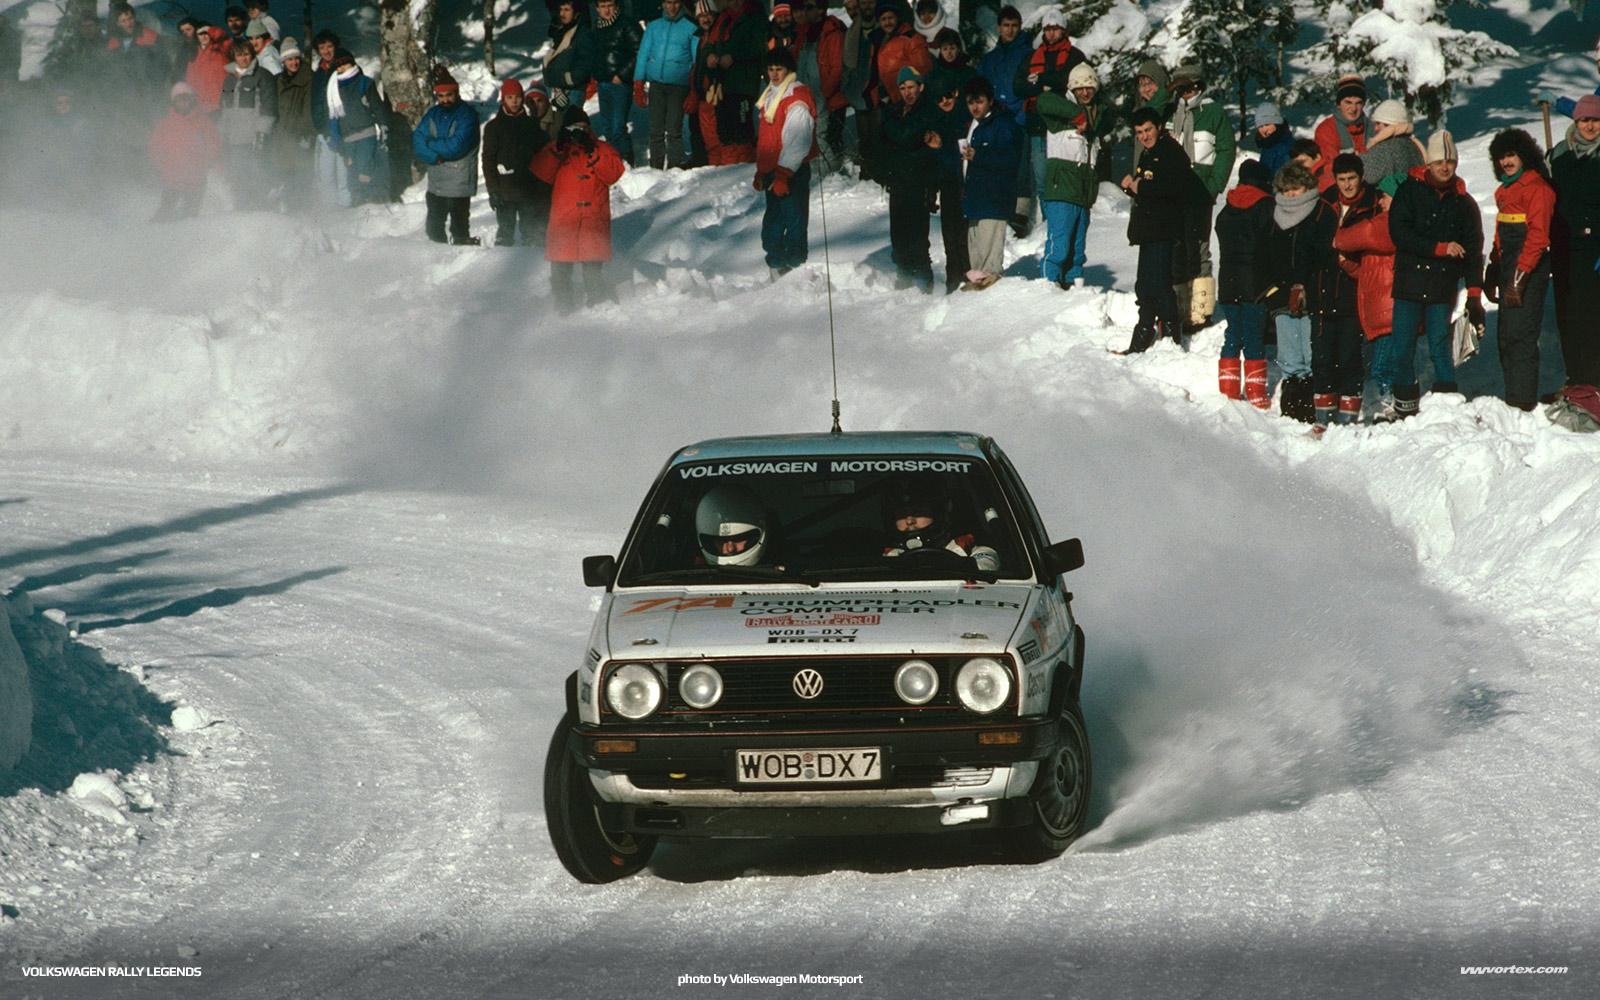 volkswagen-rally-legends-374